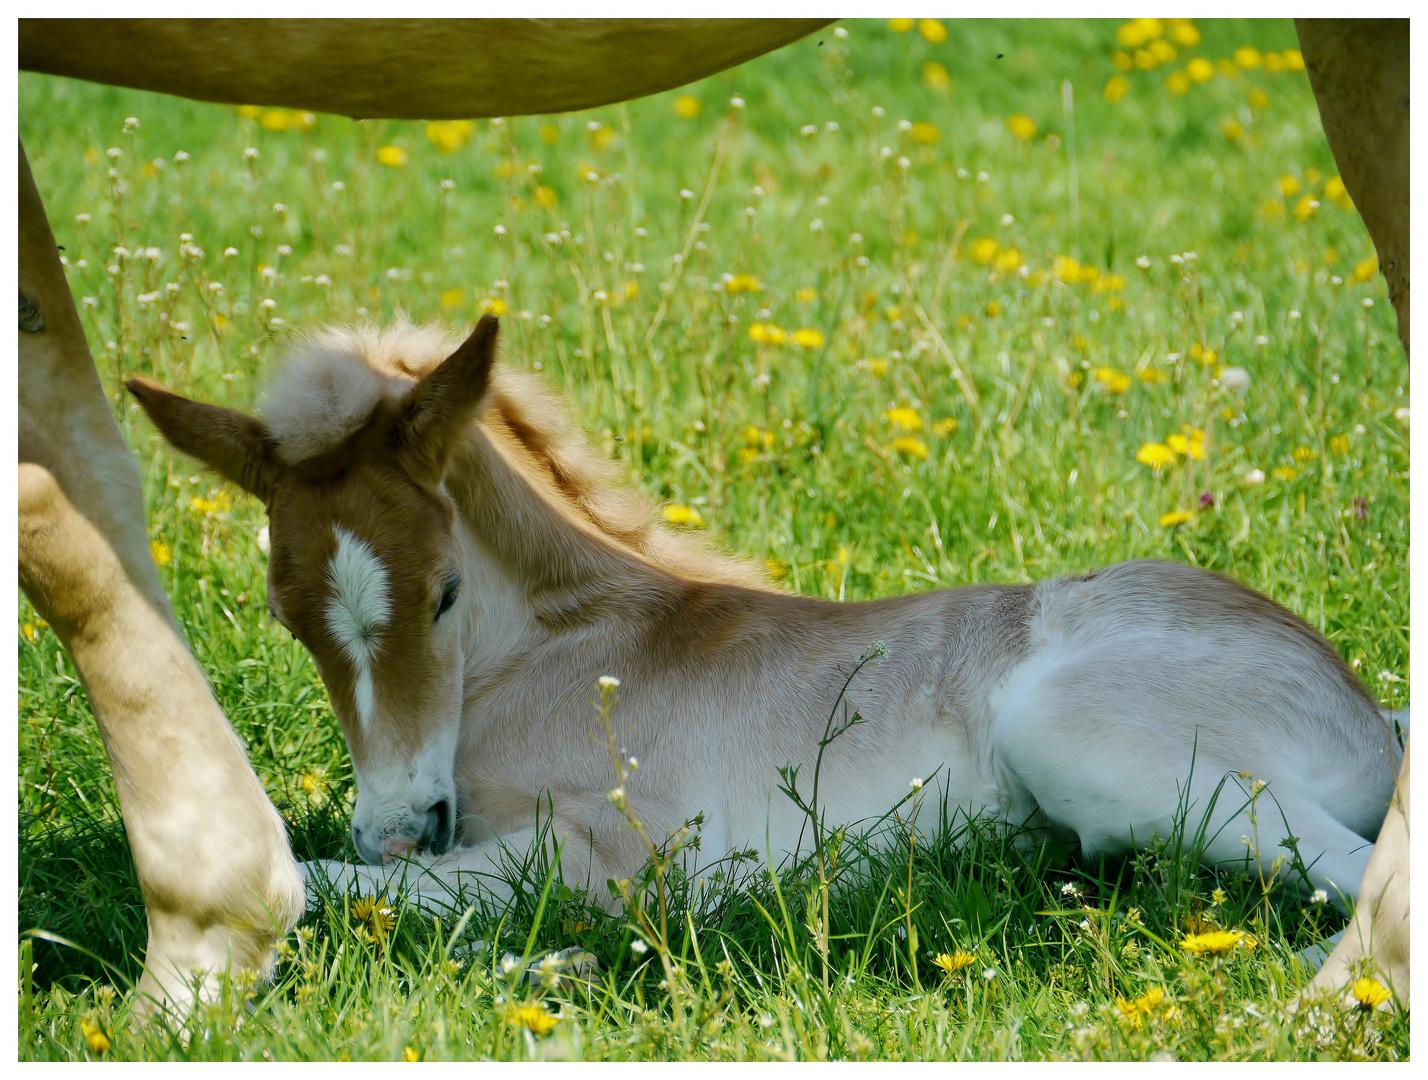 Süße Träume Foto Bild Tiere Tierkinder Pferde Bilder